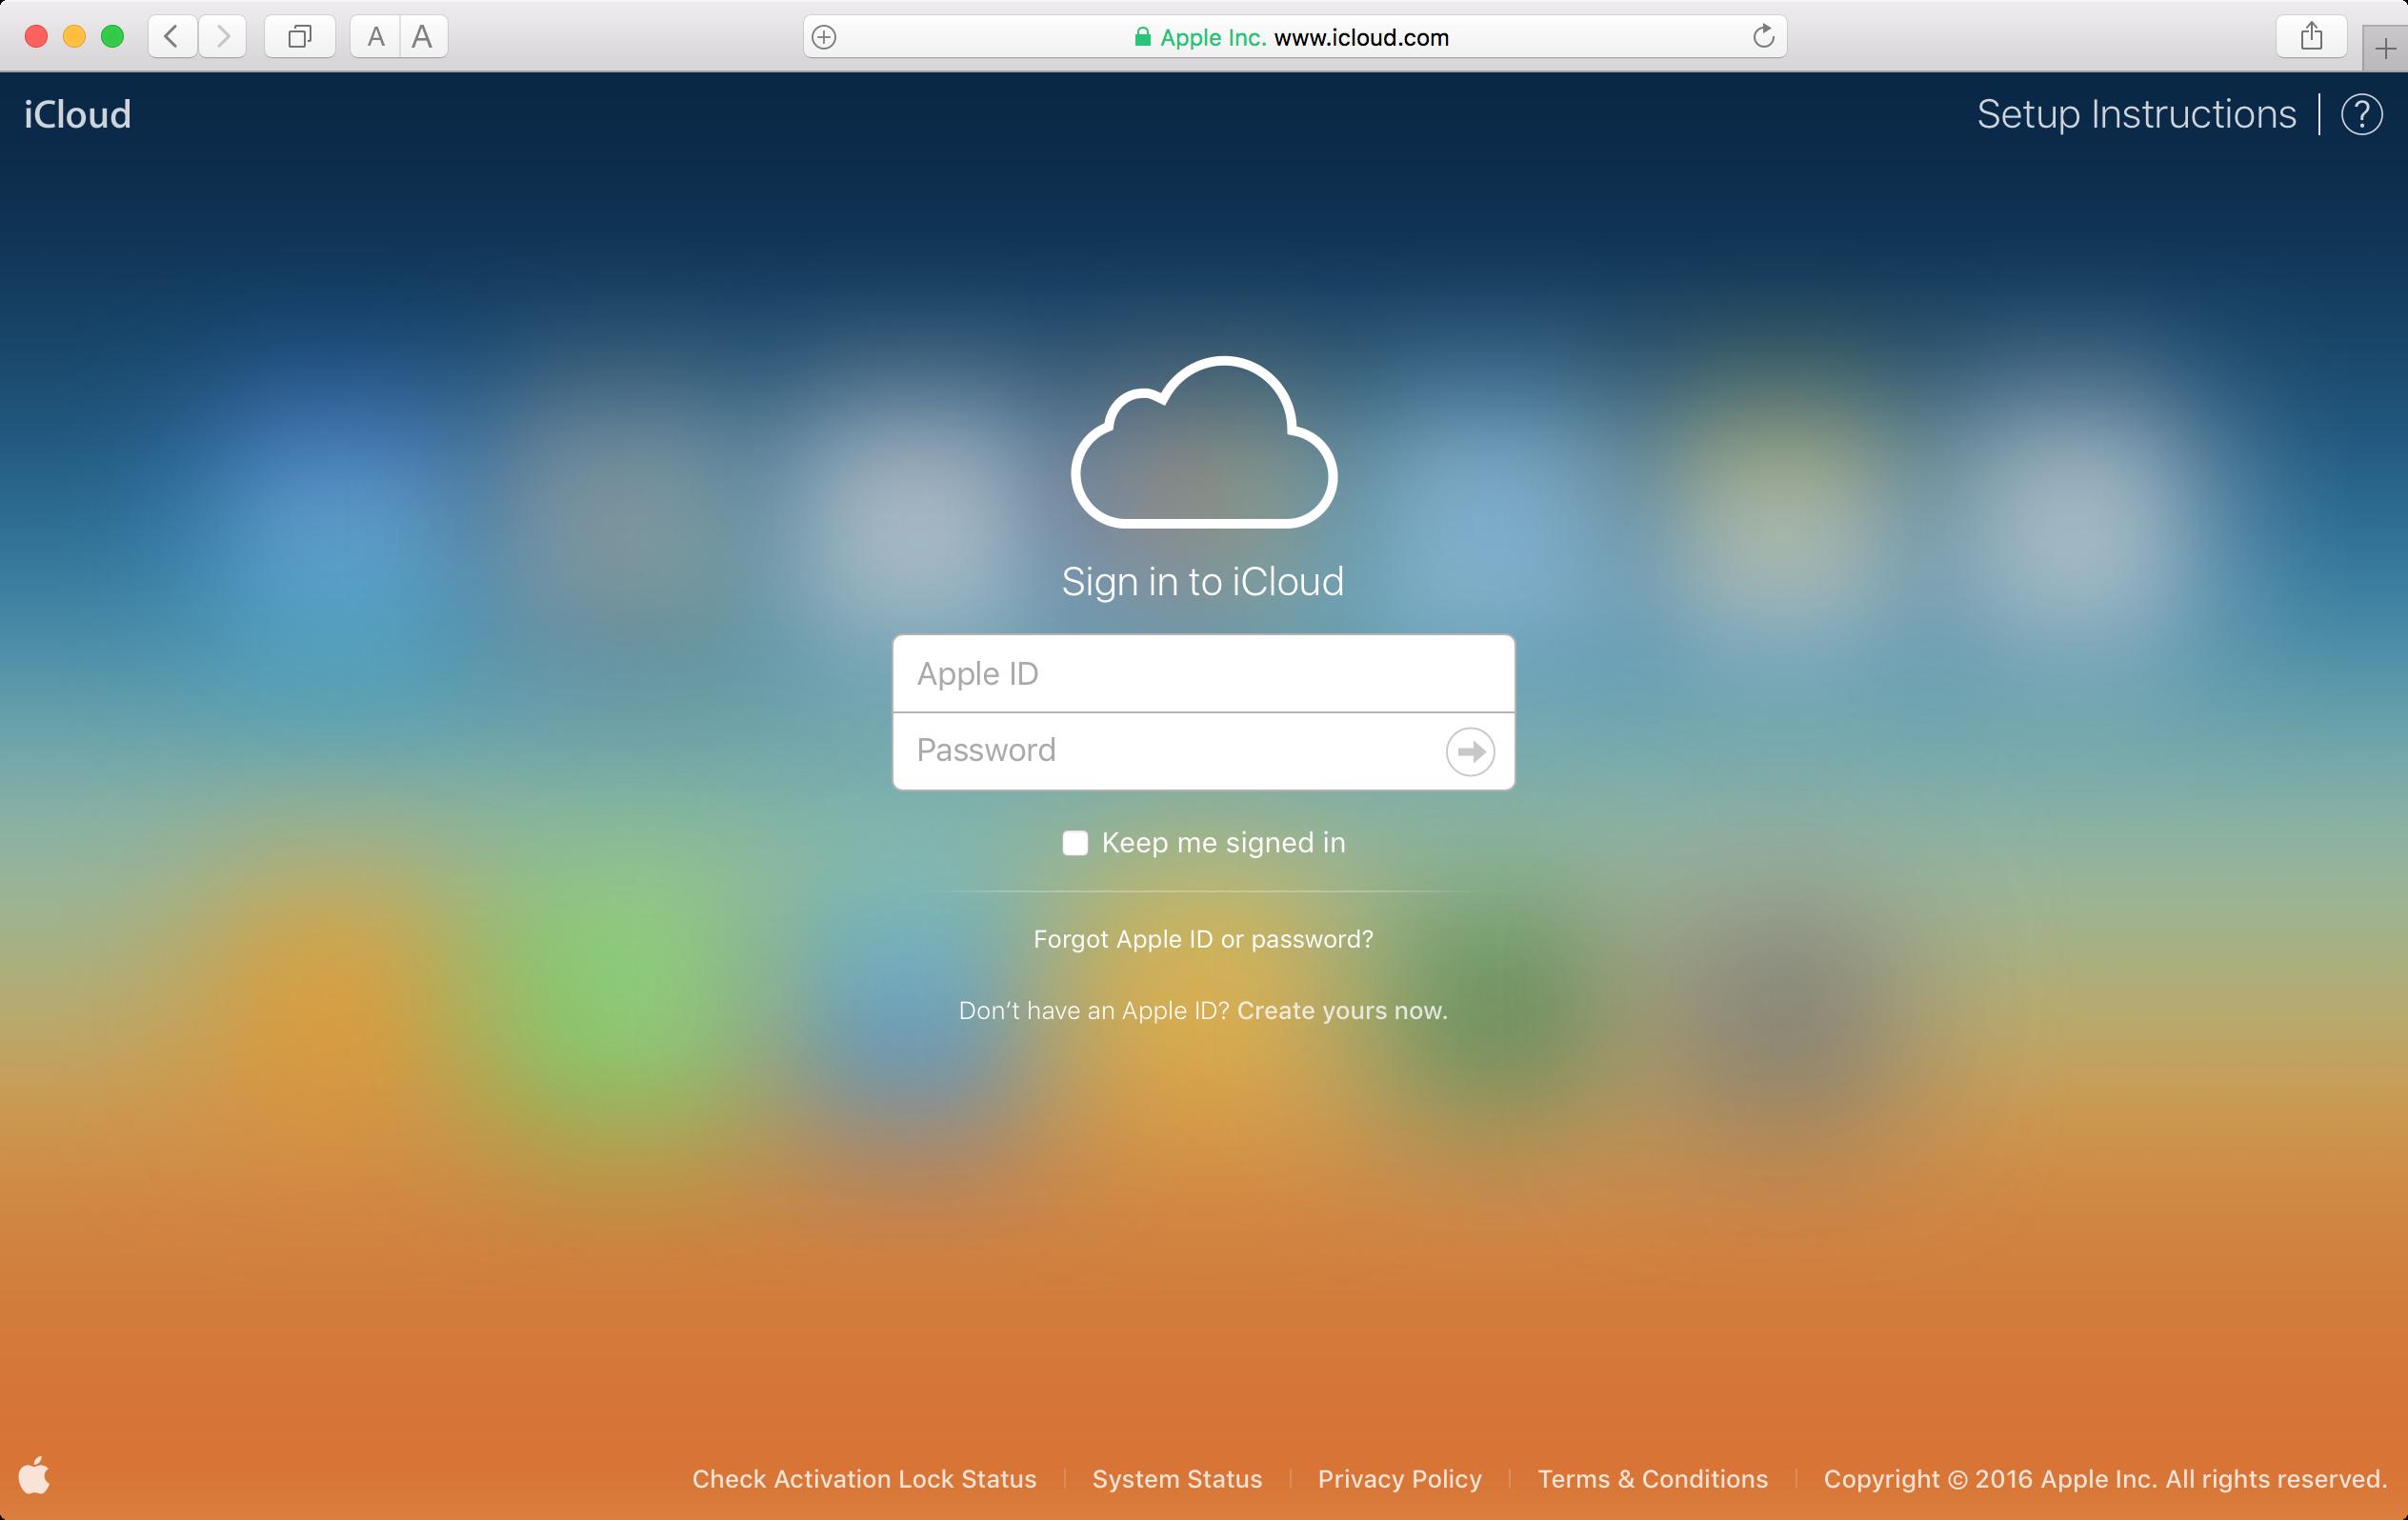 iCloud Log In